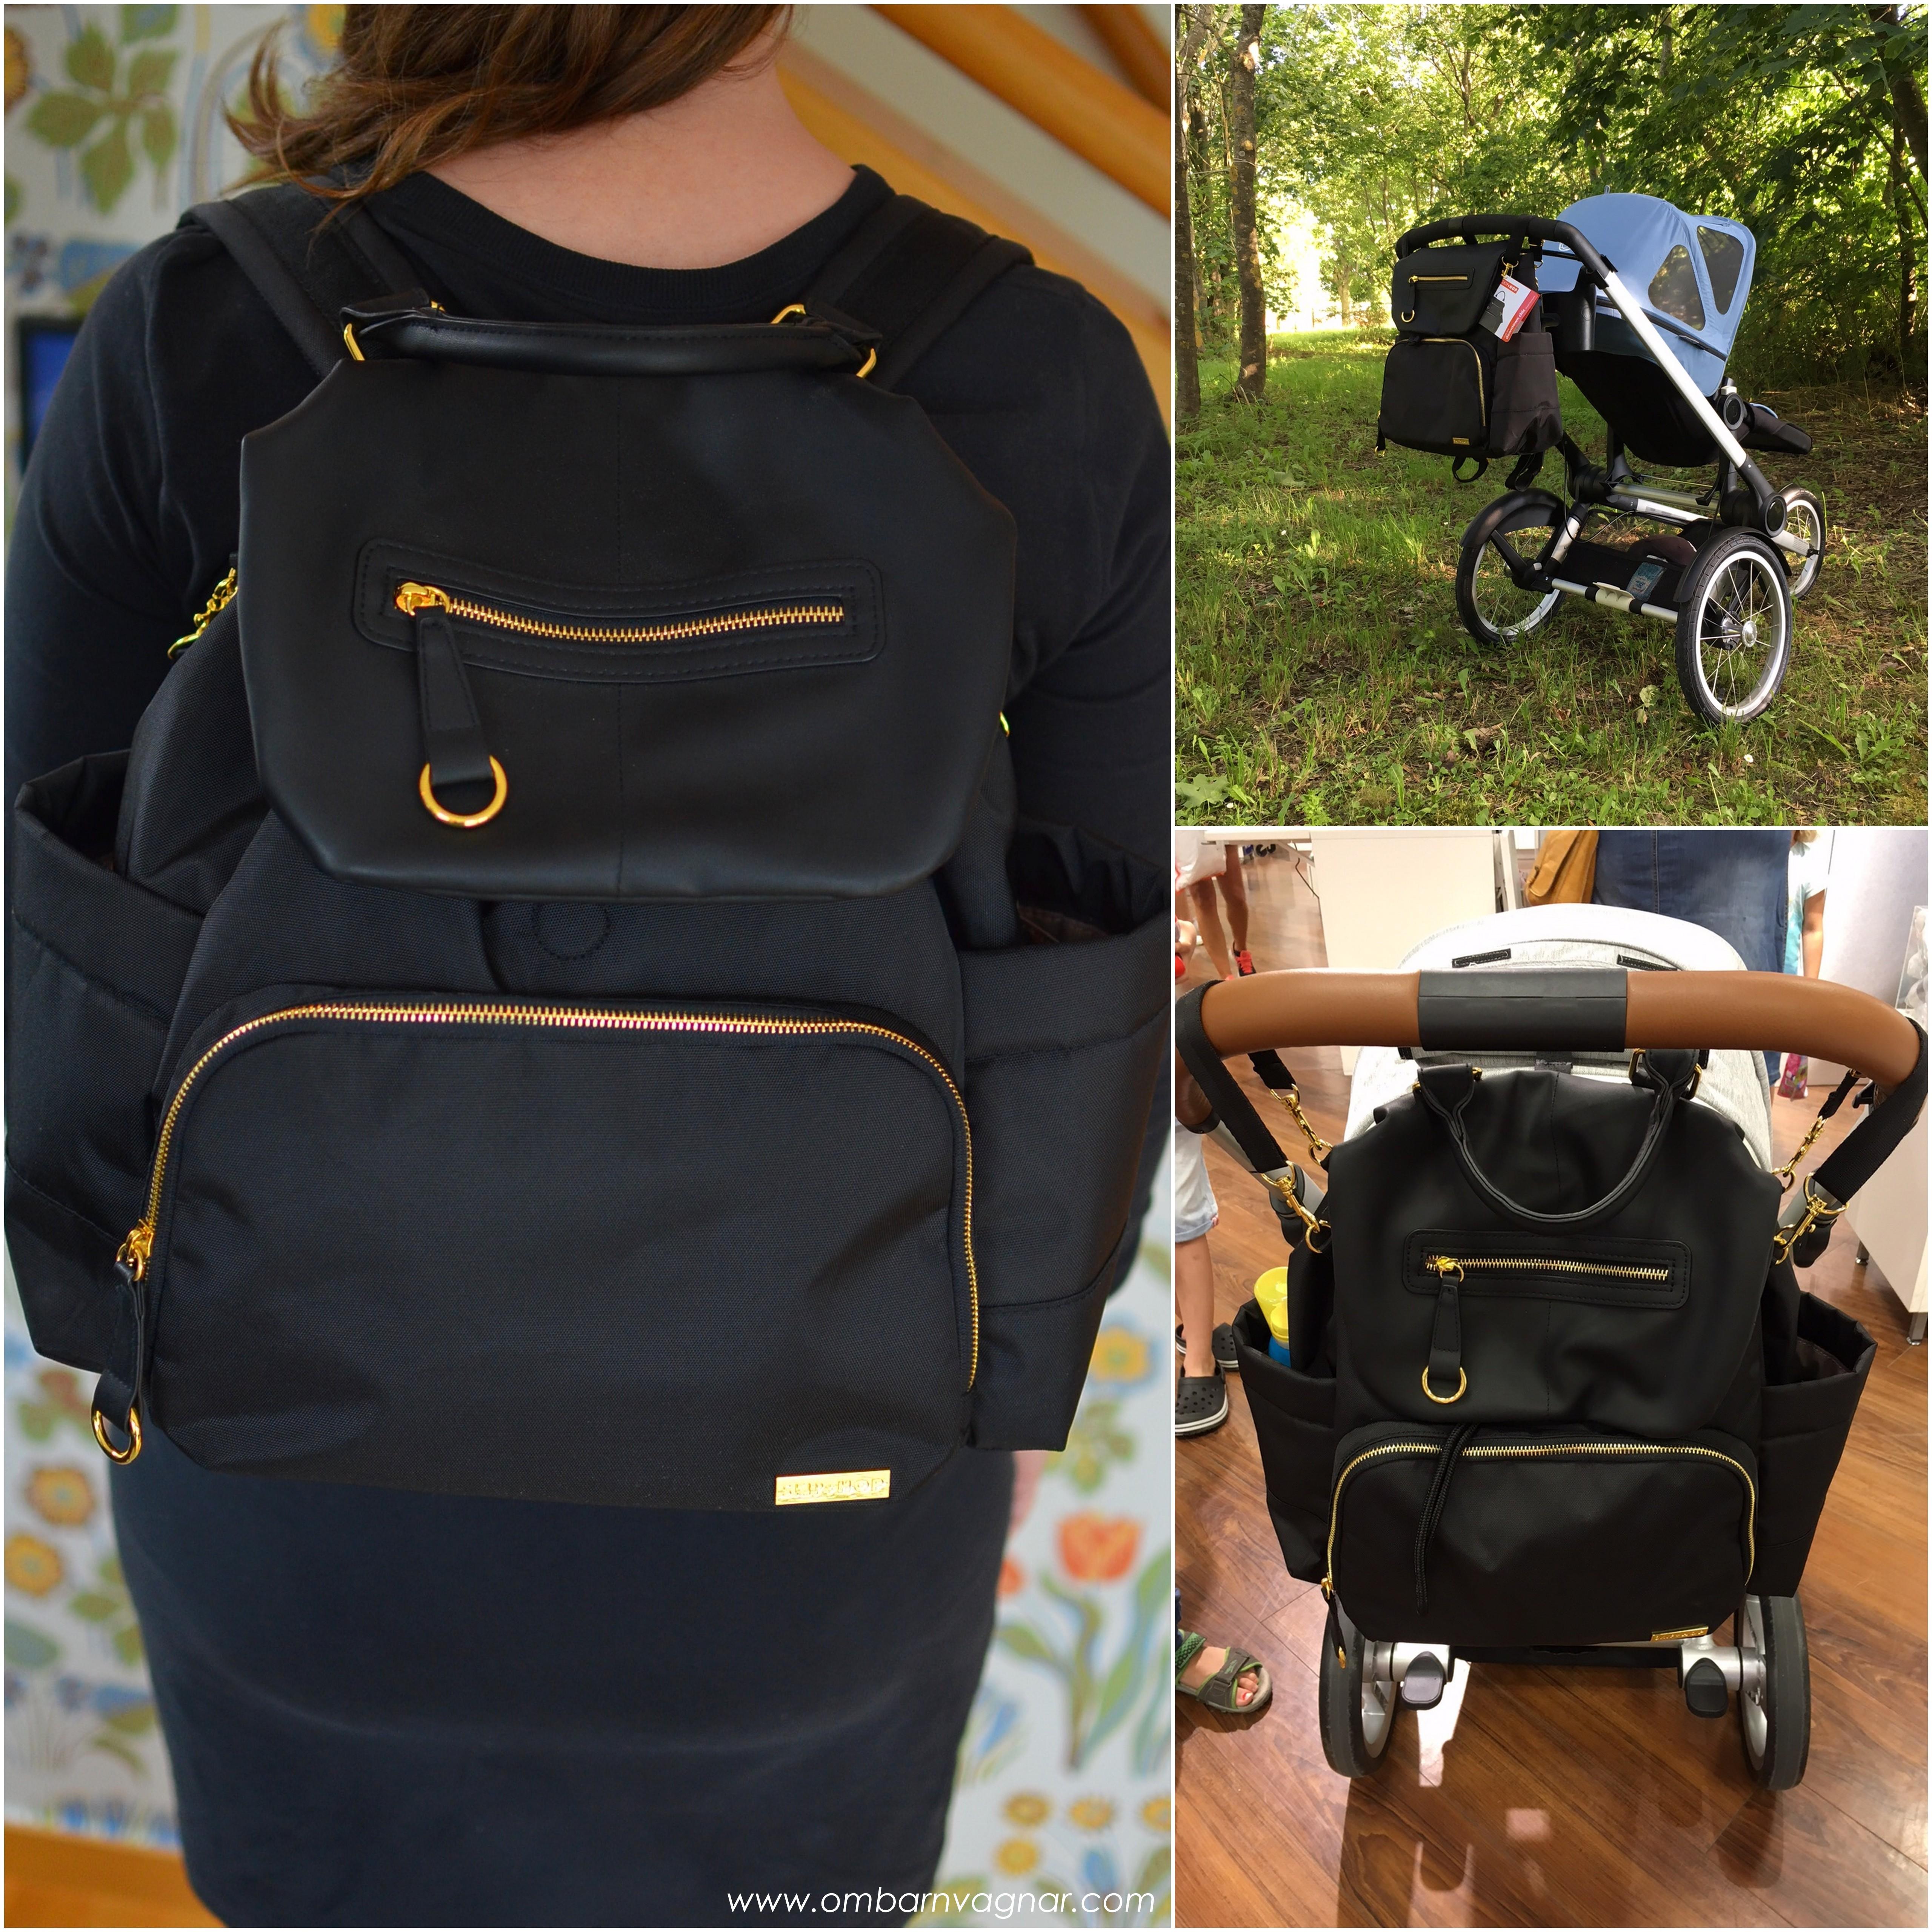 skiphopchelsea-backpack-ryggen Öppningen på Skip Hop Chelsea ryggsäck ... f48453347b37c